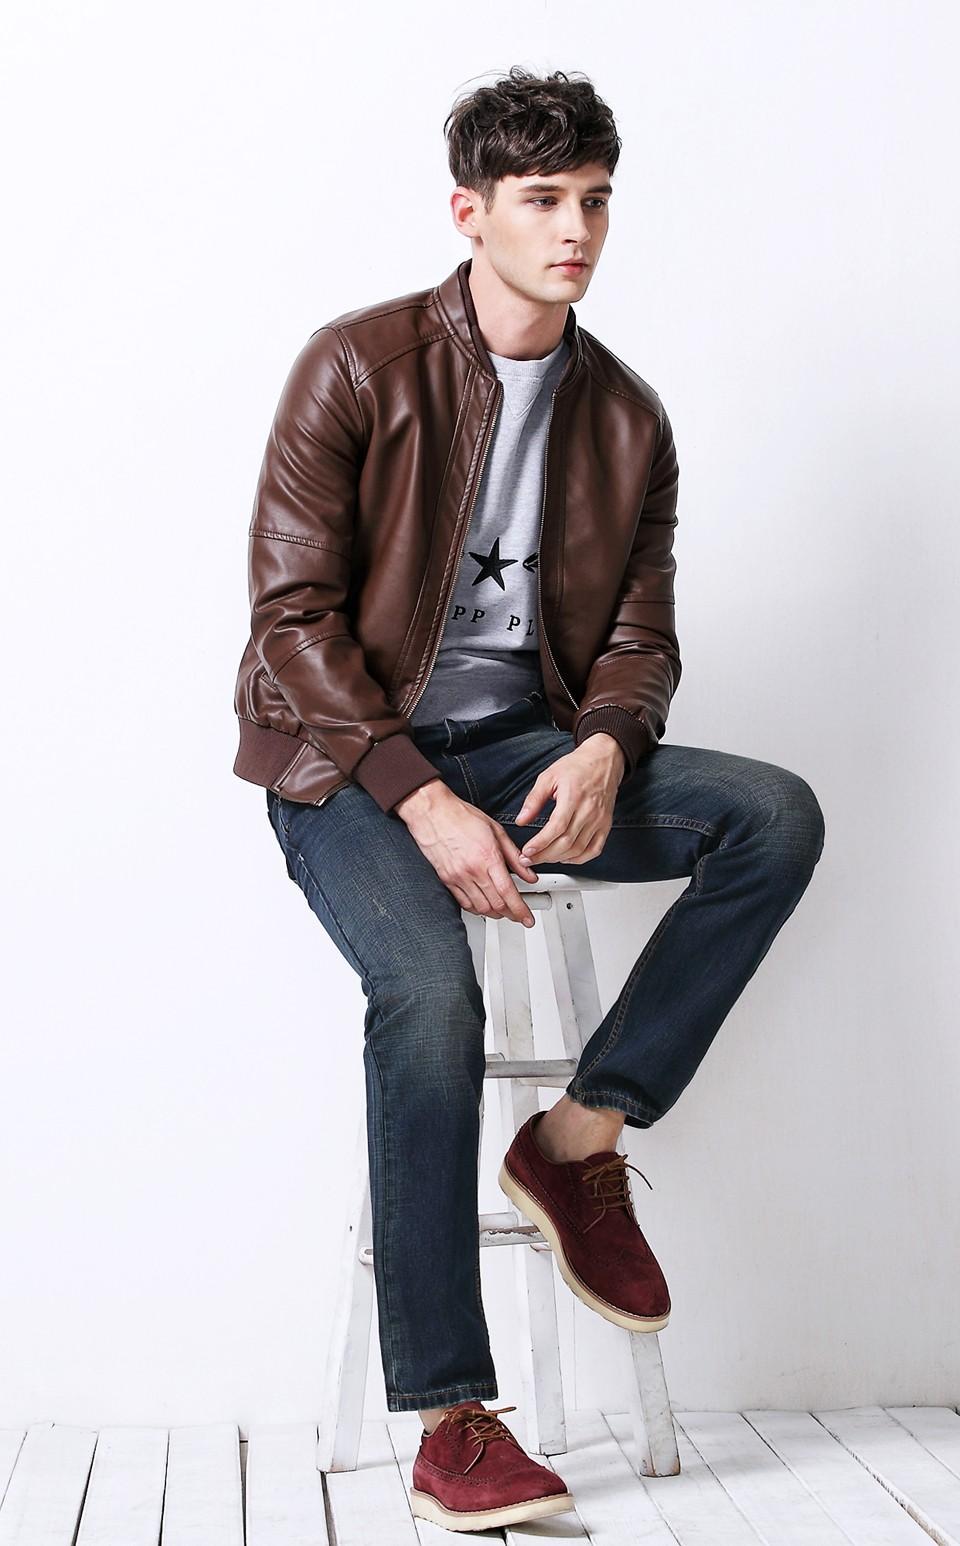 Скидки на Taddlee Марка Классический топ дизайнер прямые джинсы для мужчин мода Европа и Америка стиль робин джинсы мужские брюки slim fit